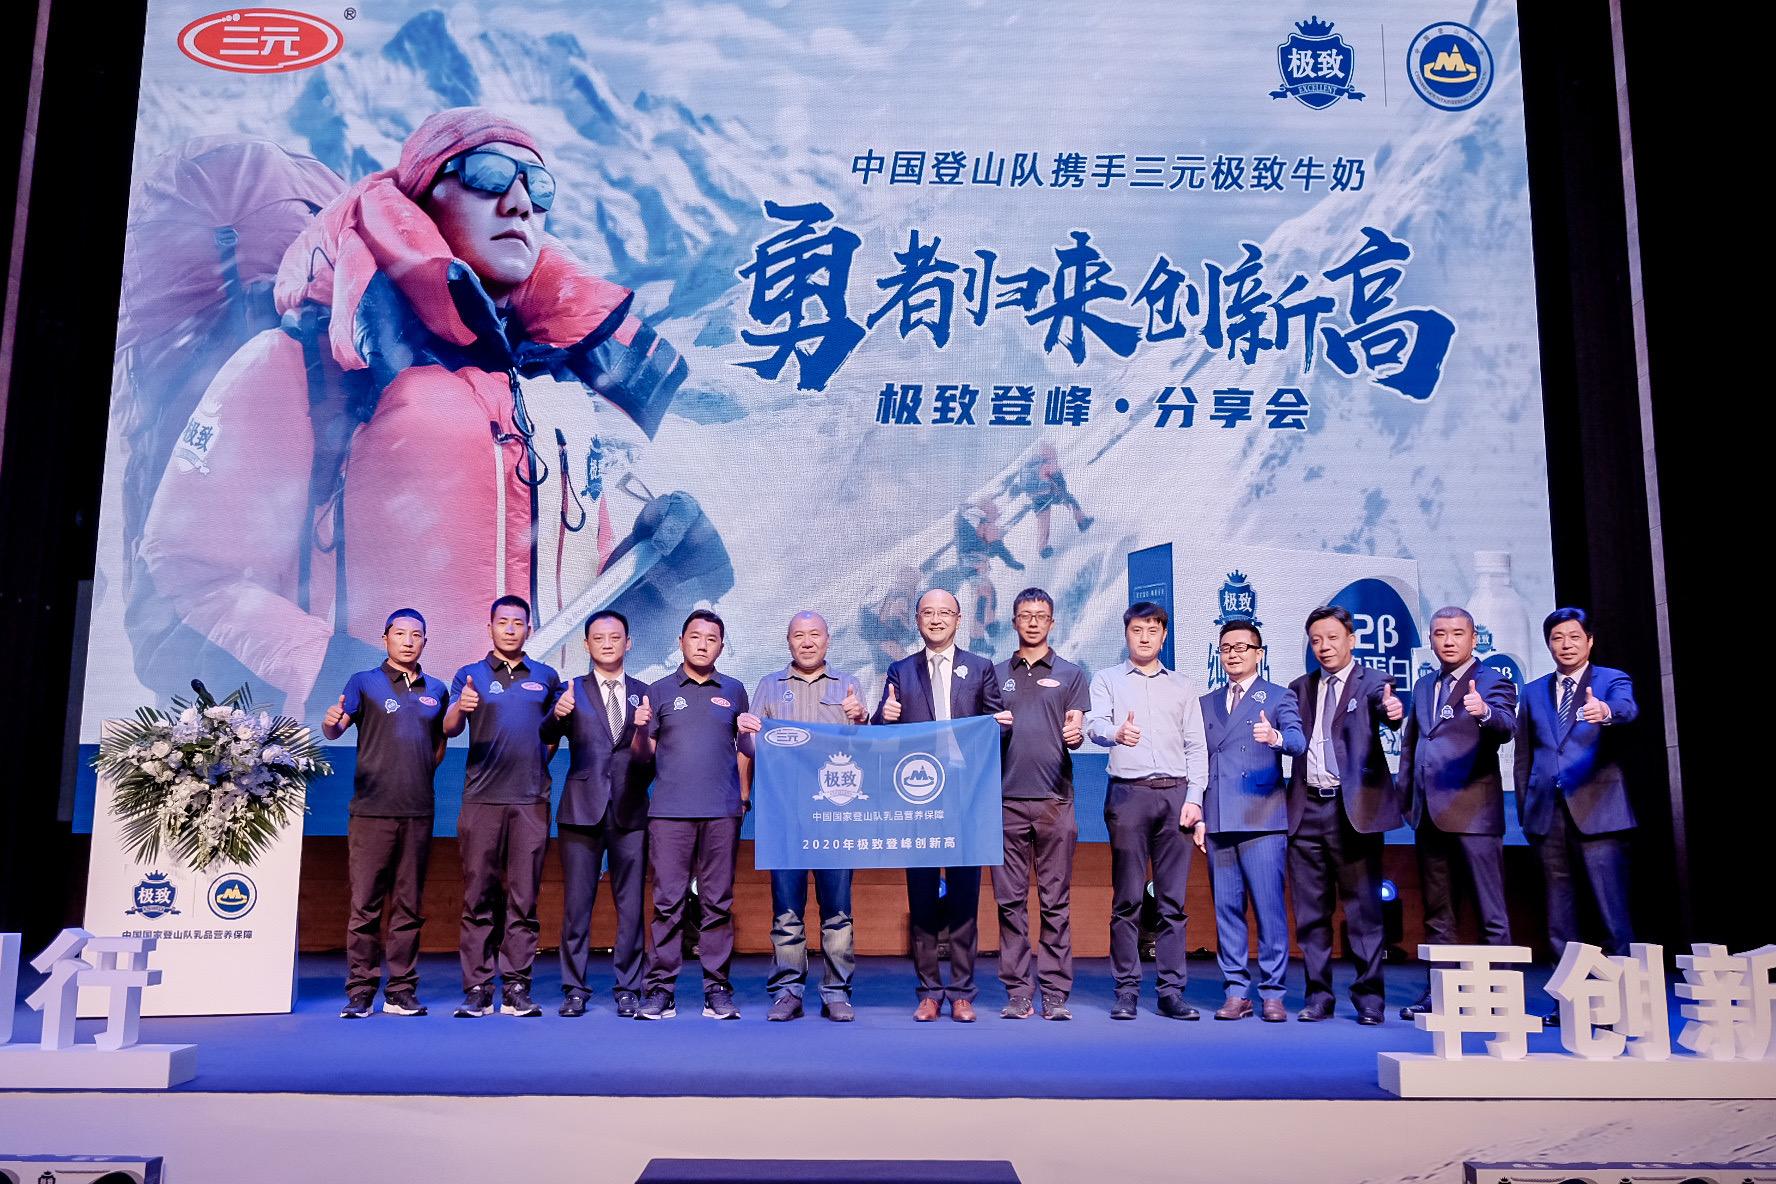 三元极致登峰·中国登山队分享会——六大亮点燃情巅峰时刻